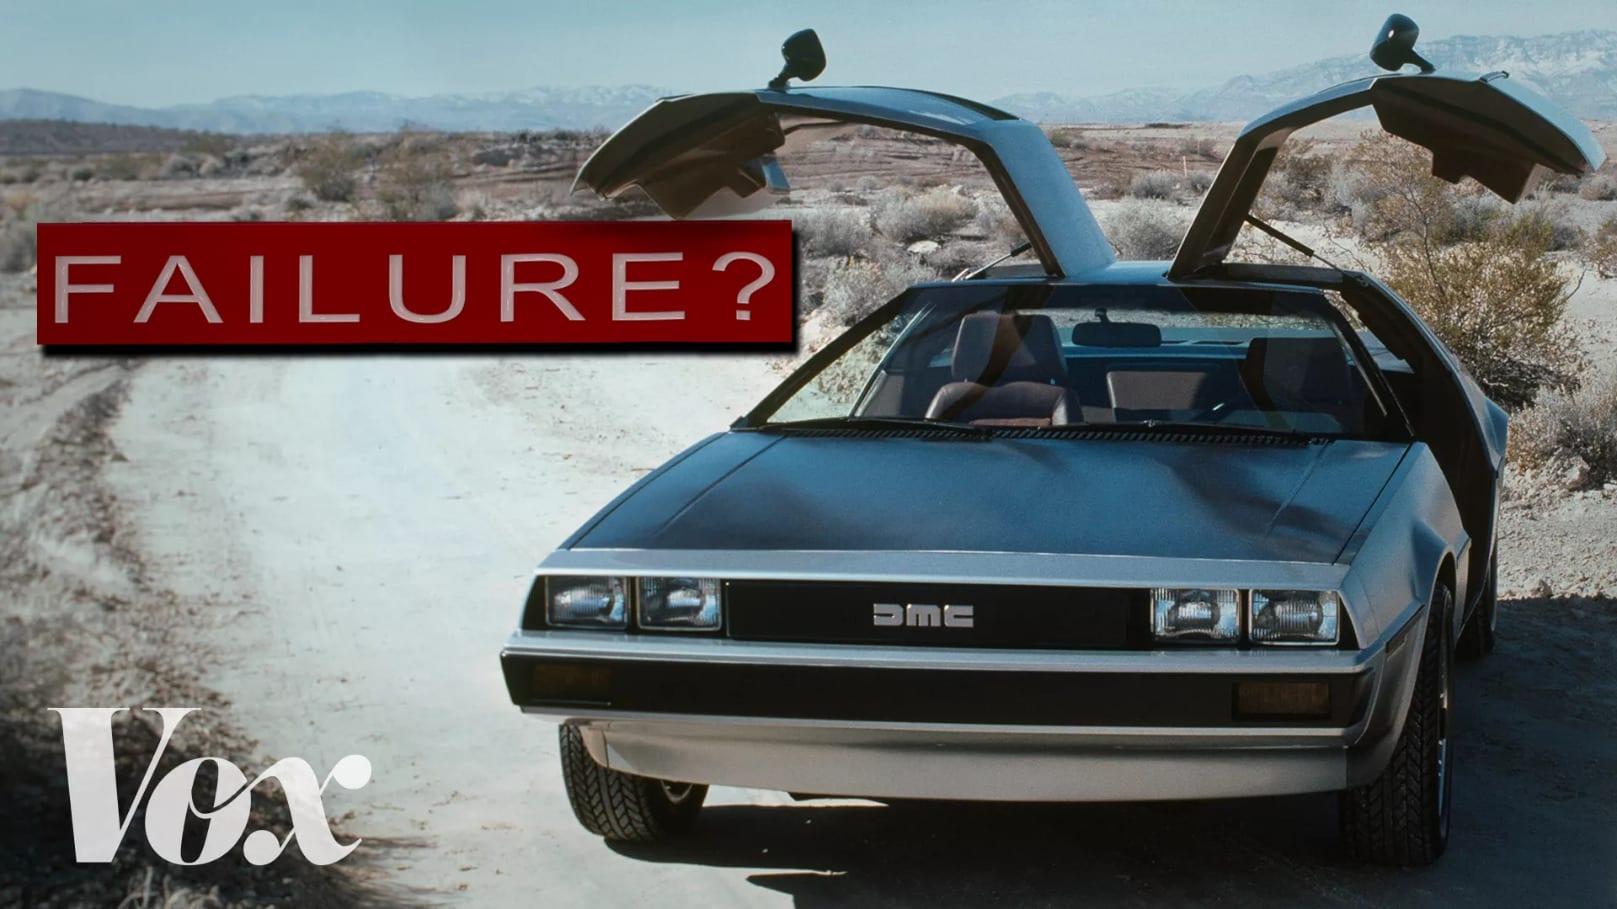 The DeLorean paradox